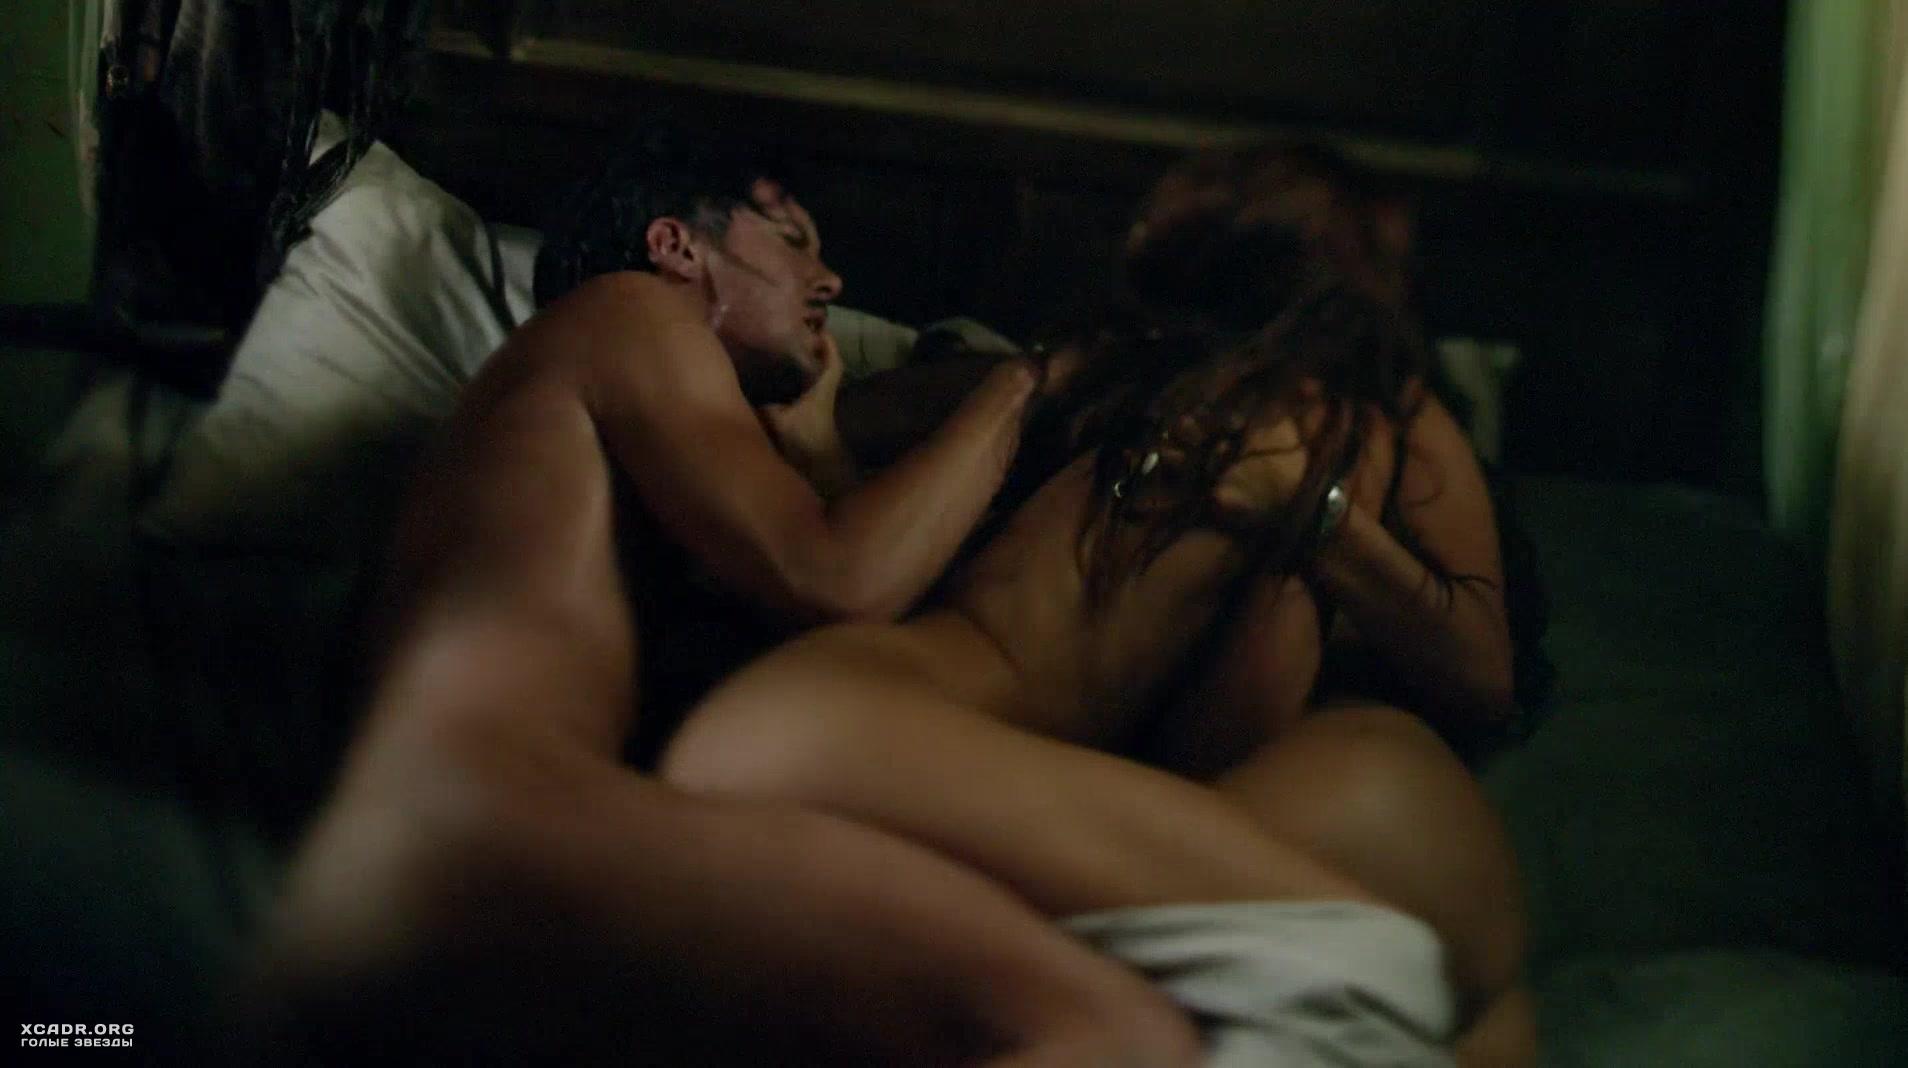 Сексуальные художественыефильмы смотреть